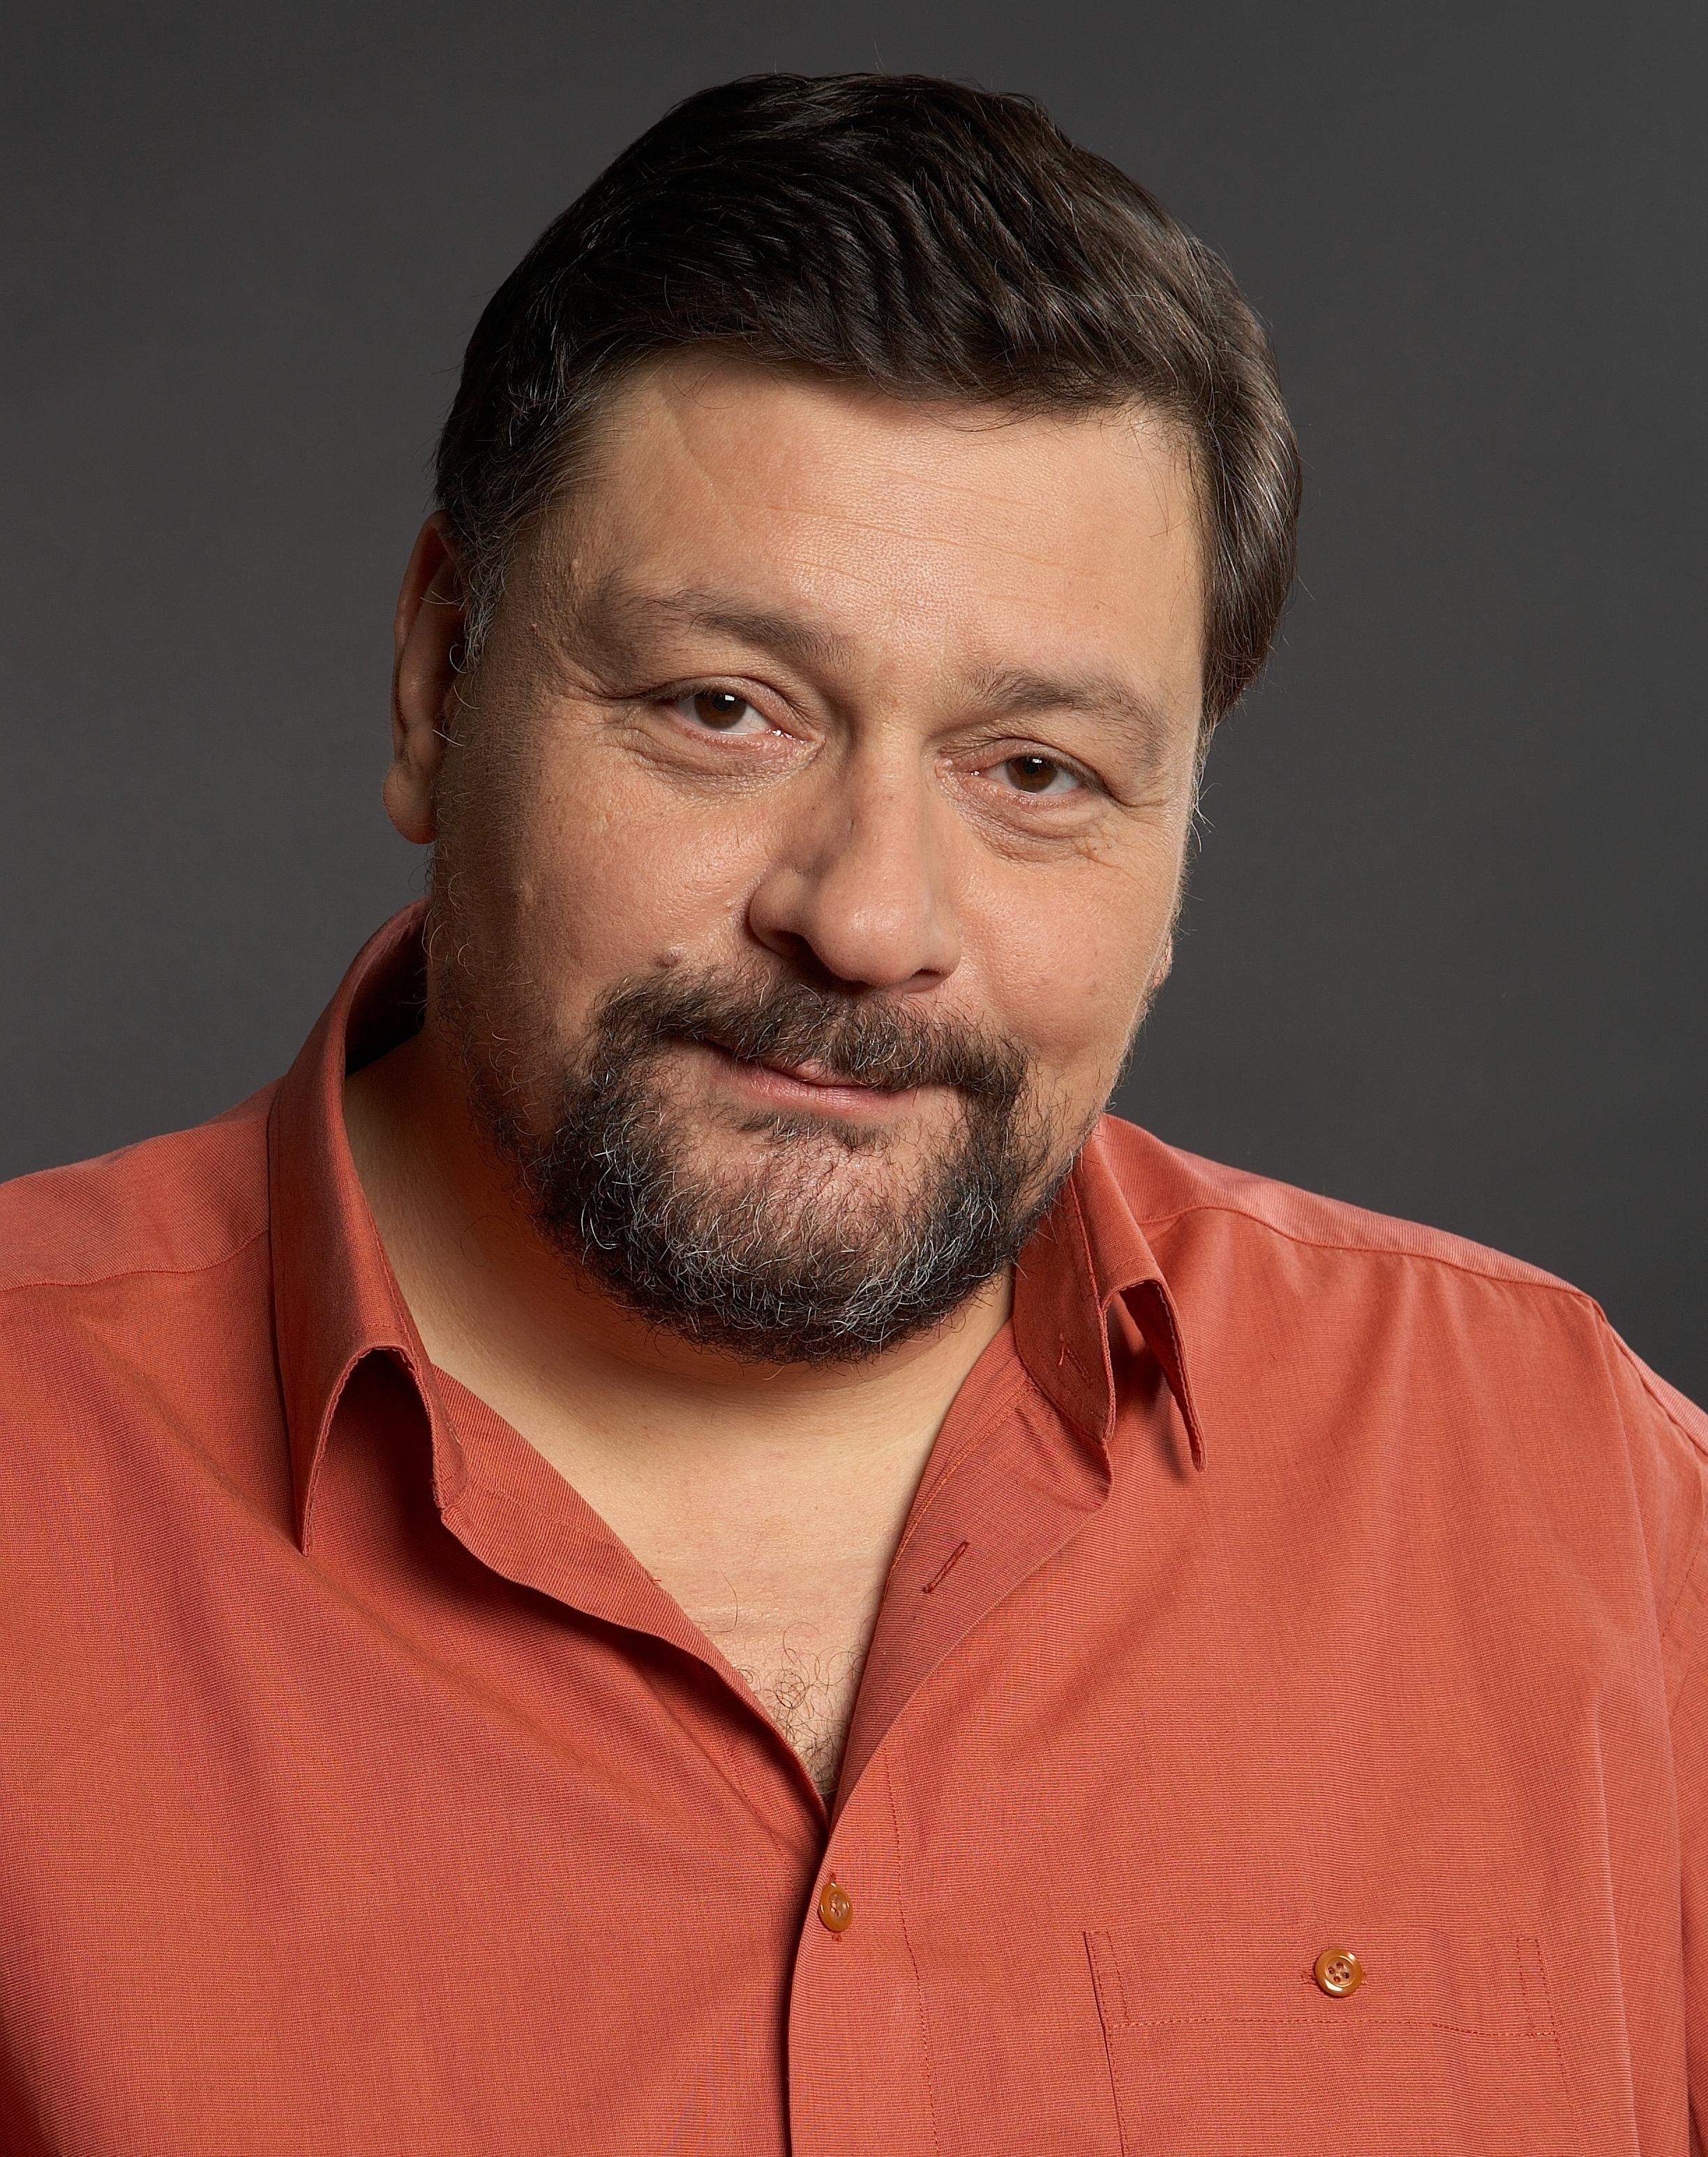 Дмитрий Назаров биография актера фото личная жизнь